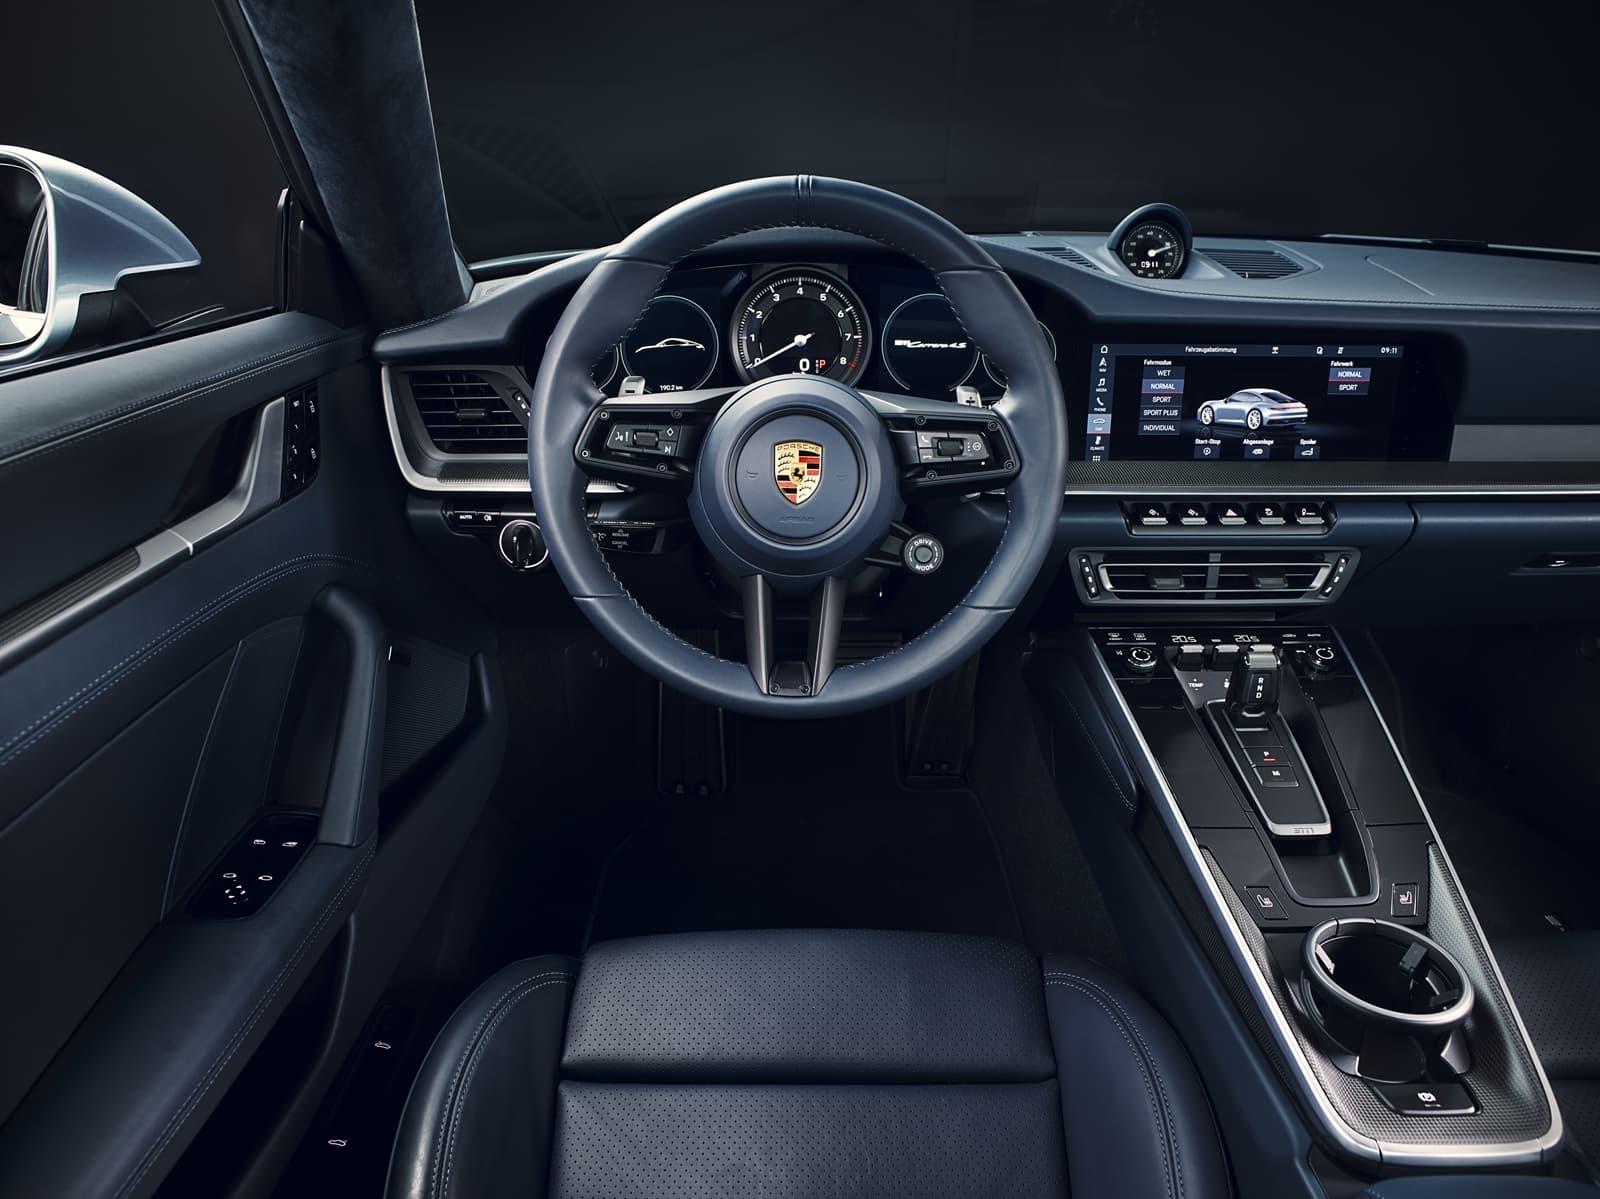 Juzga tú mismo cuánto ha cambiado el Porsche 911 2019 — Comparación visual